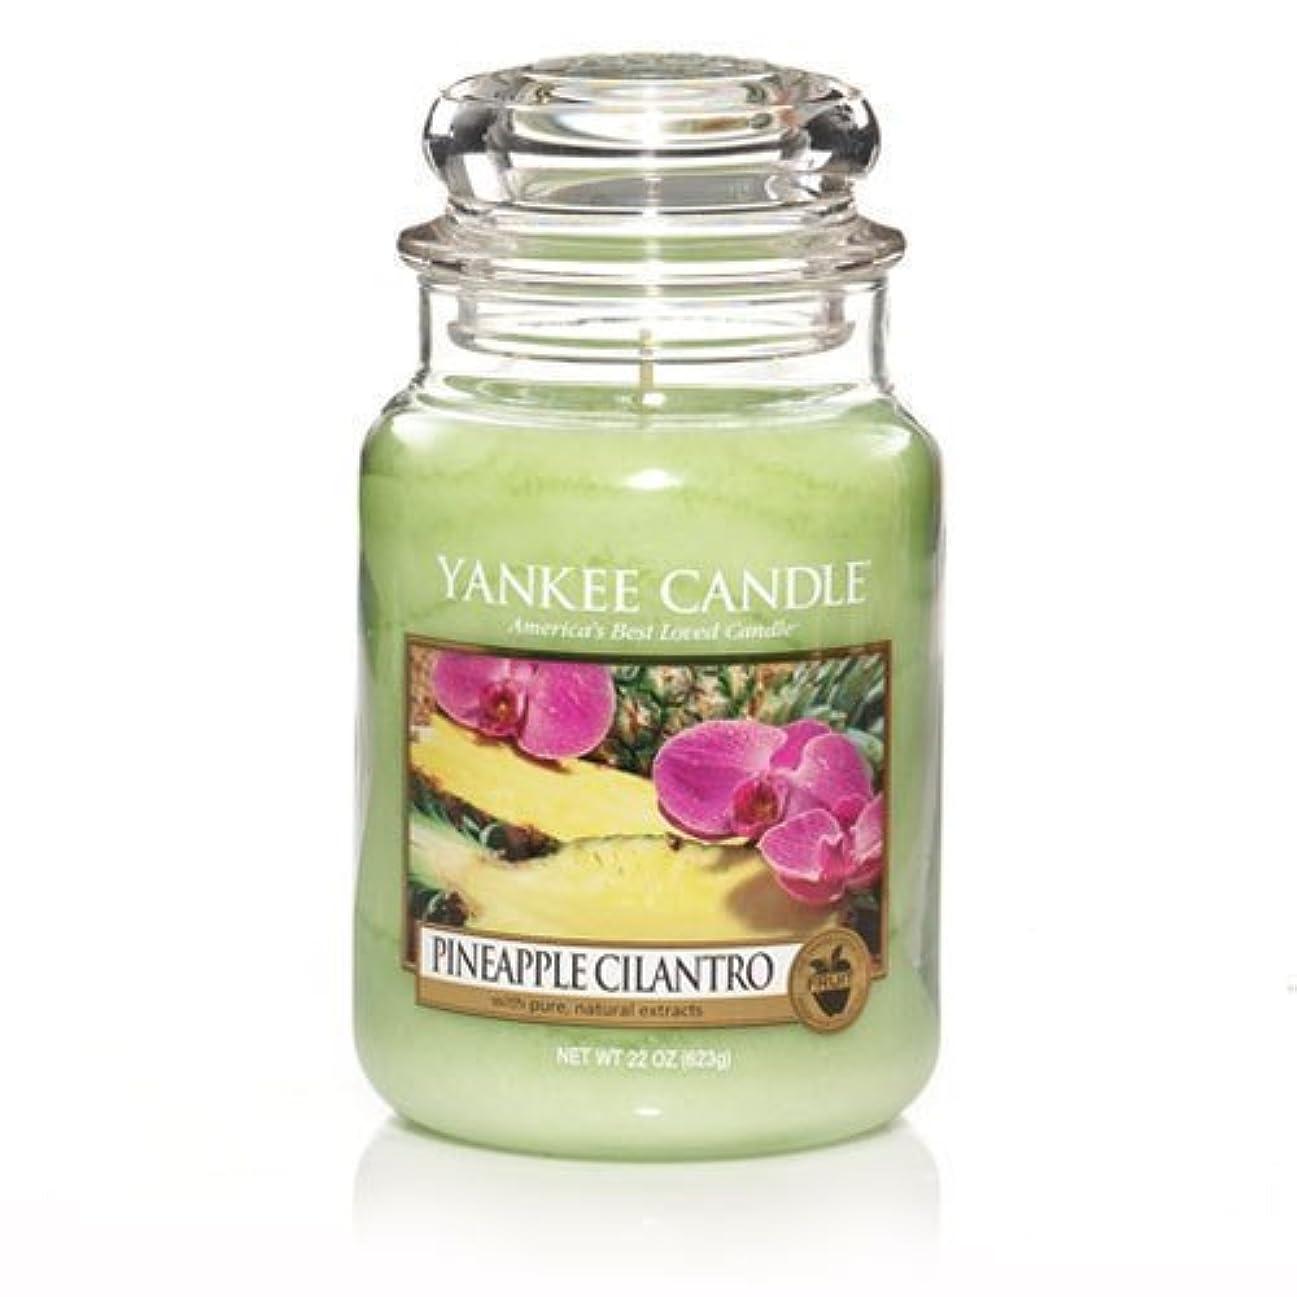 トロピカルアクションメッセンジャーYankee Candle Pineapple Cilantro Large Jar 22oz Candle by Amazon source [並行輸入品]